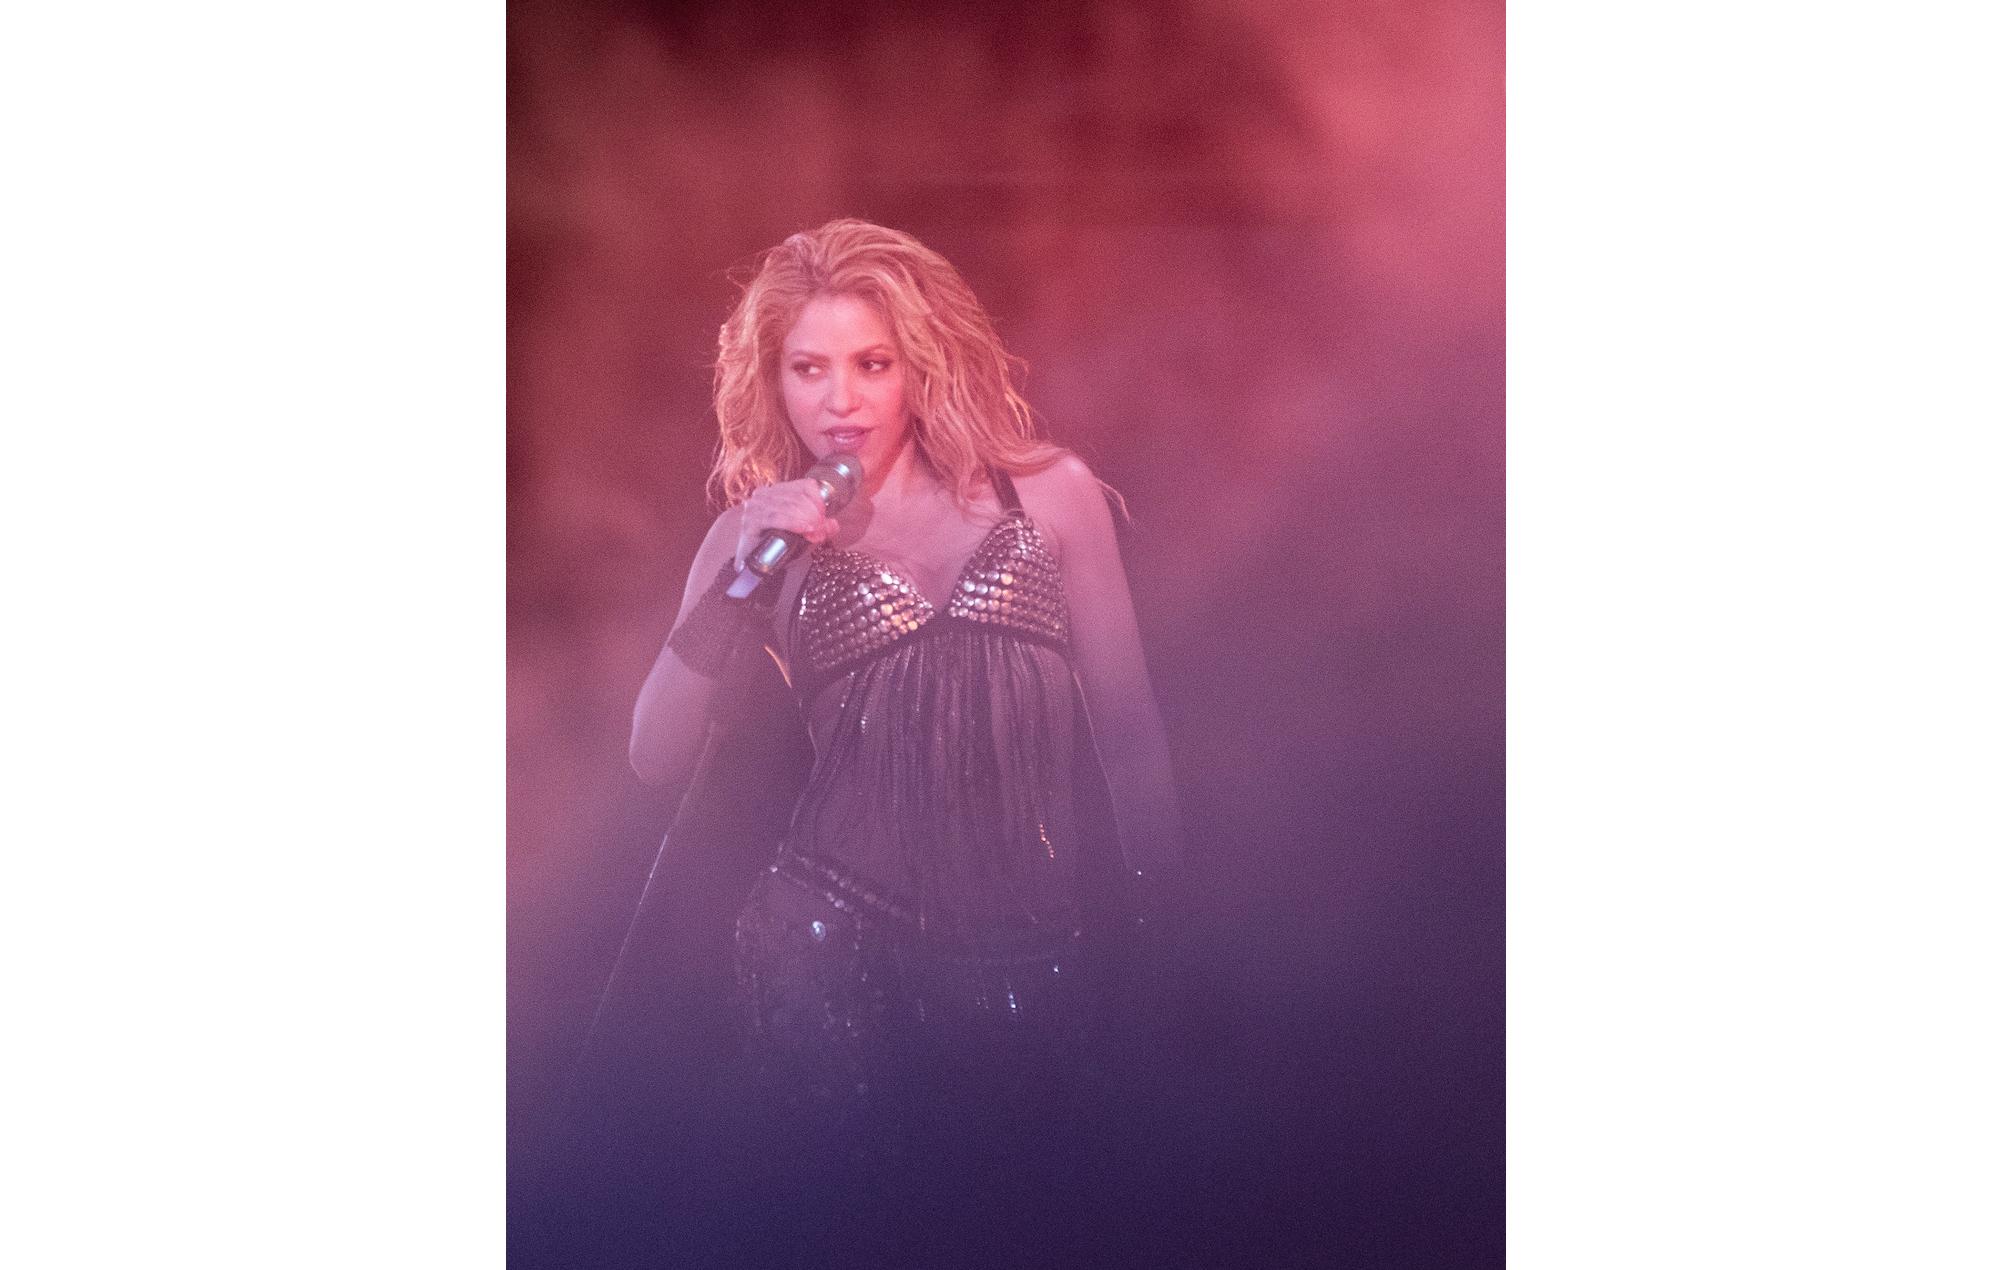 Shakira 2019 interview